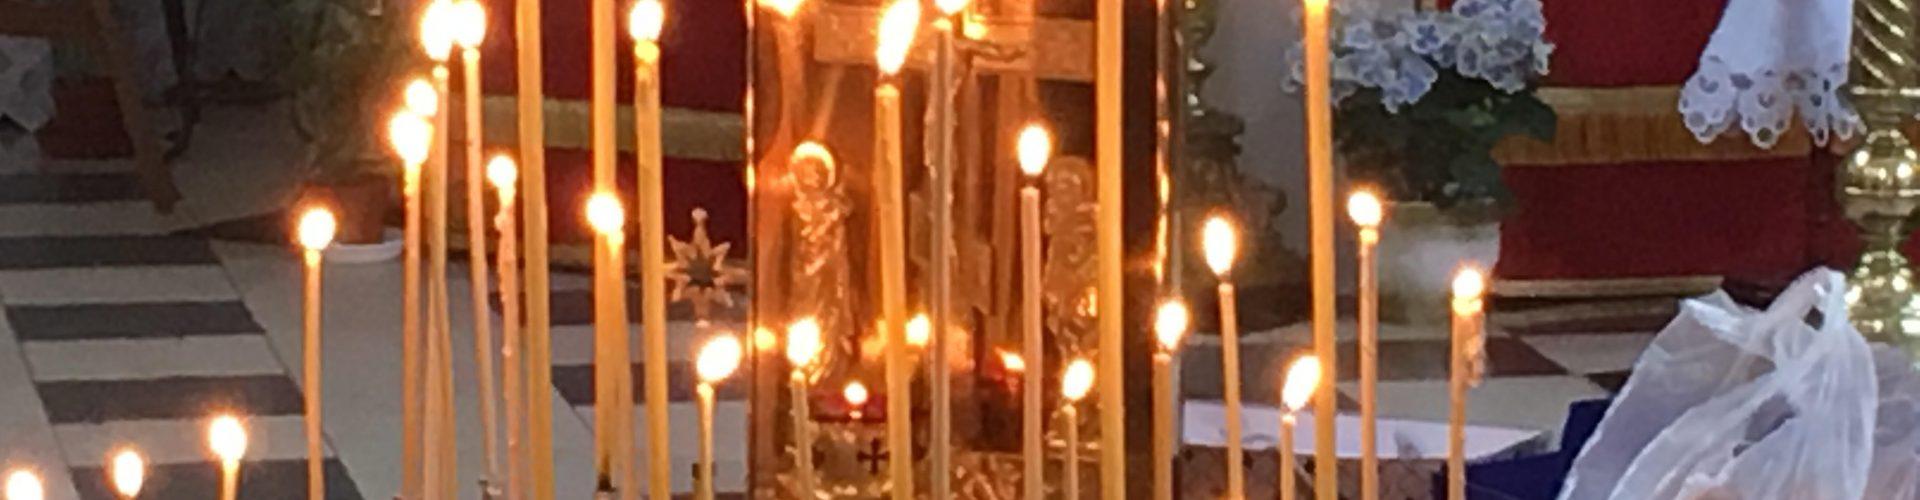 Божественное Богослужение на Радоницу в виленском женском Марие-Магдалининском монастыре